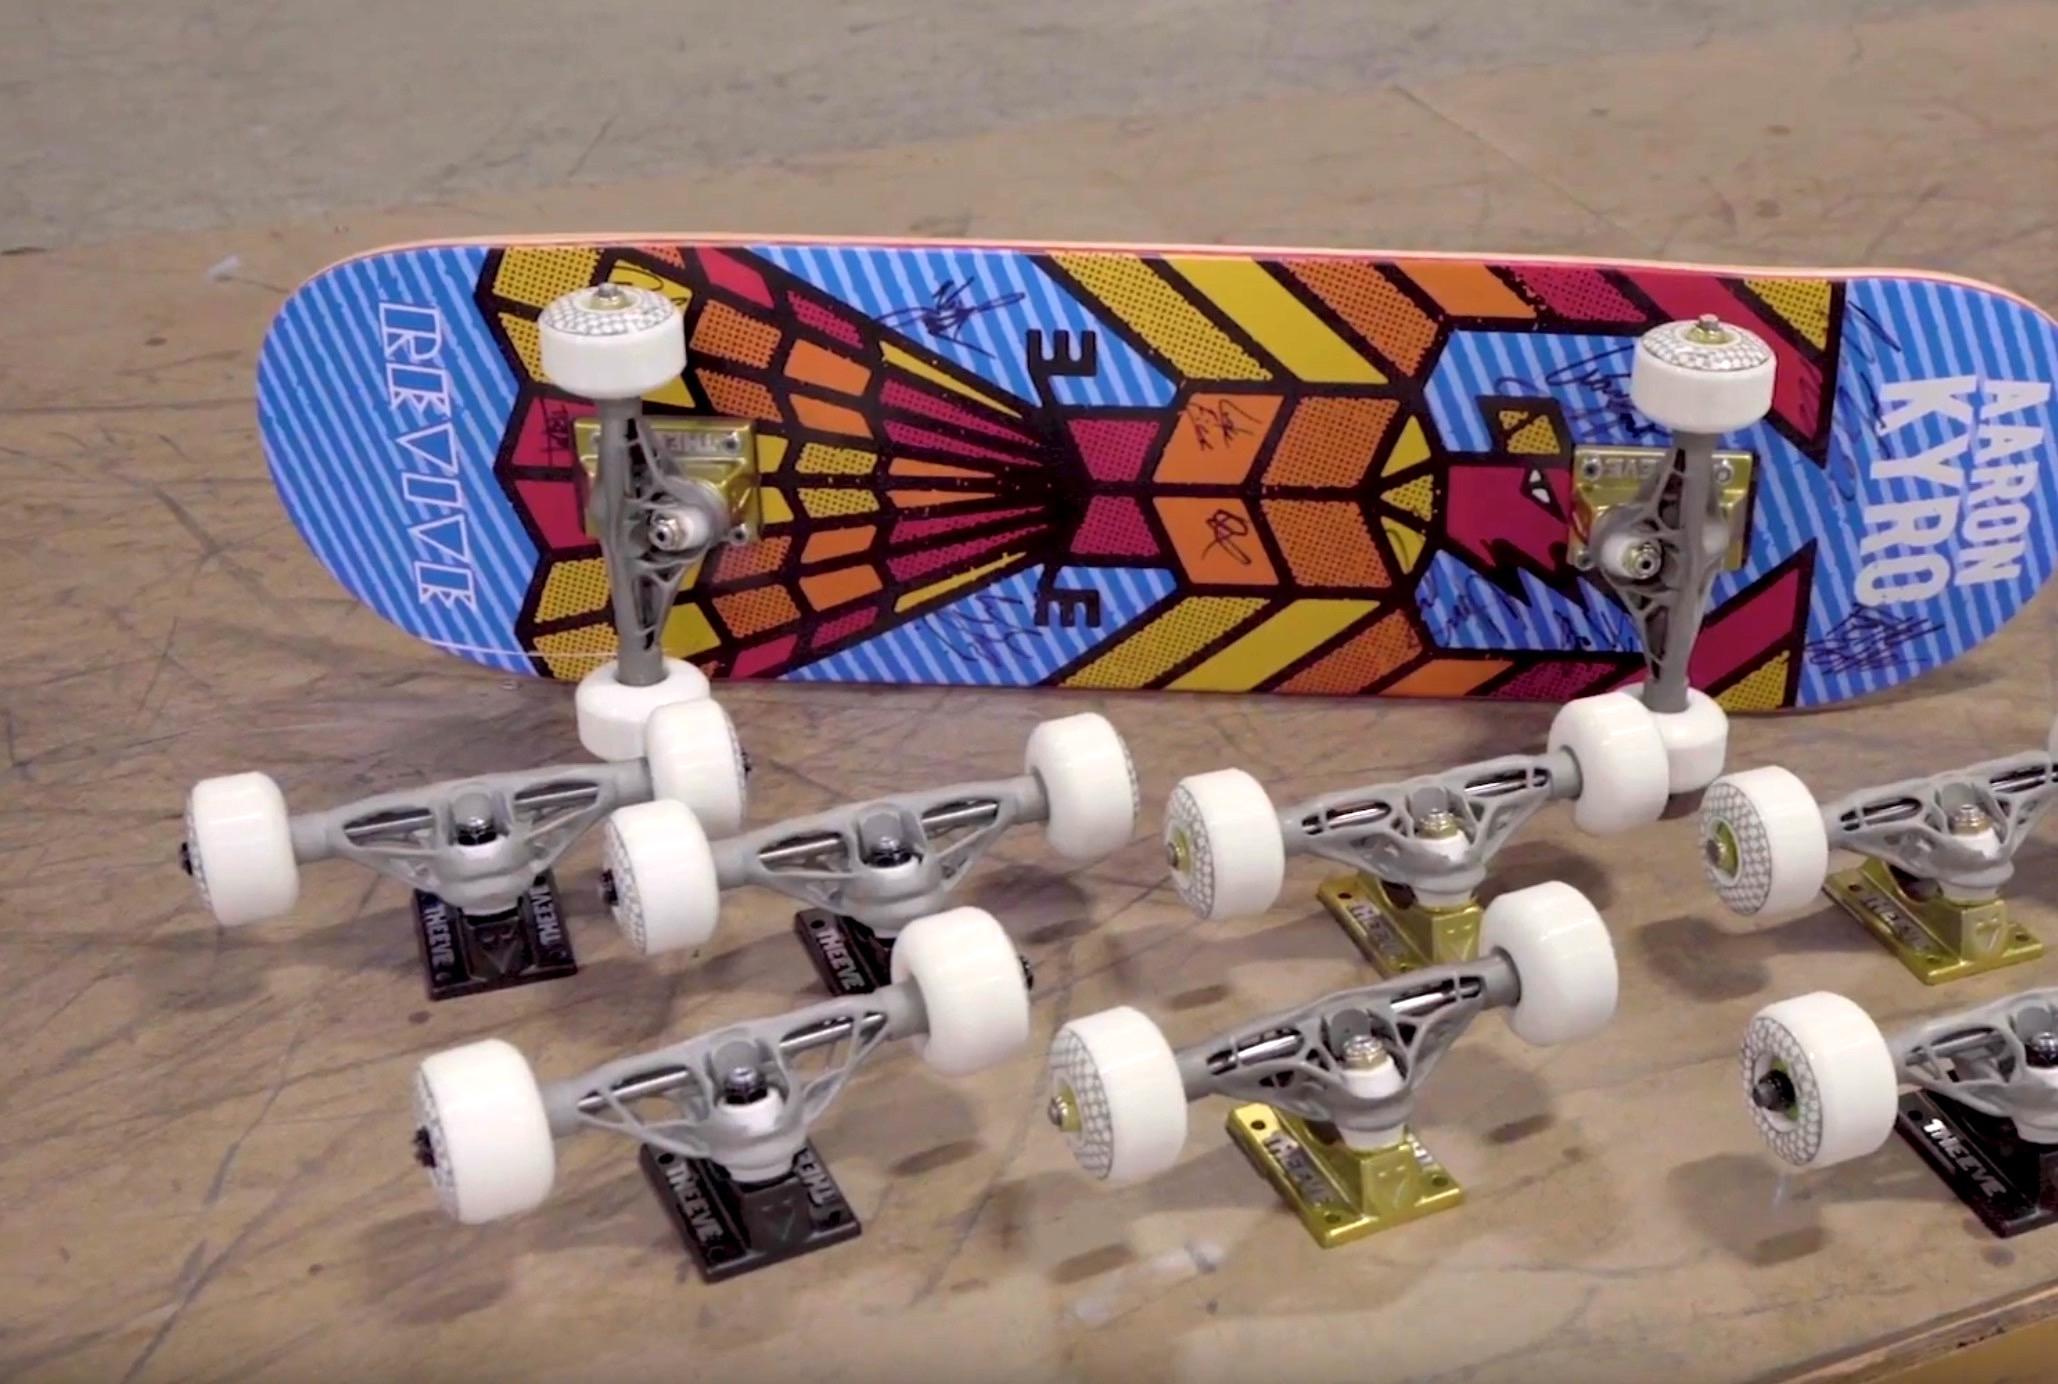 braille-skateboarding-autodesk-titanium-skate-trucks